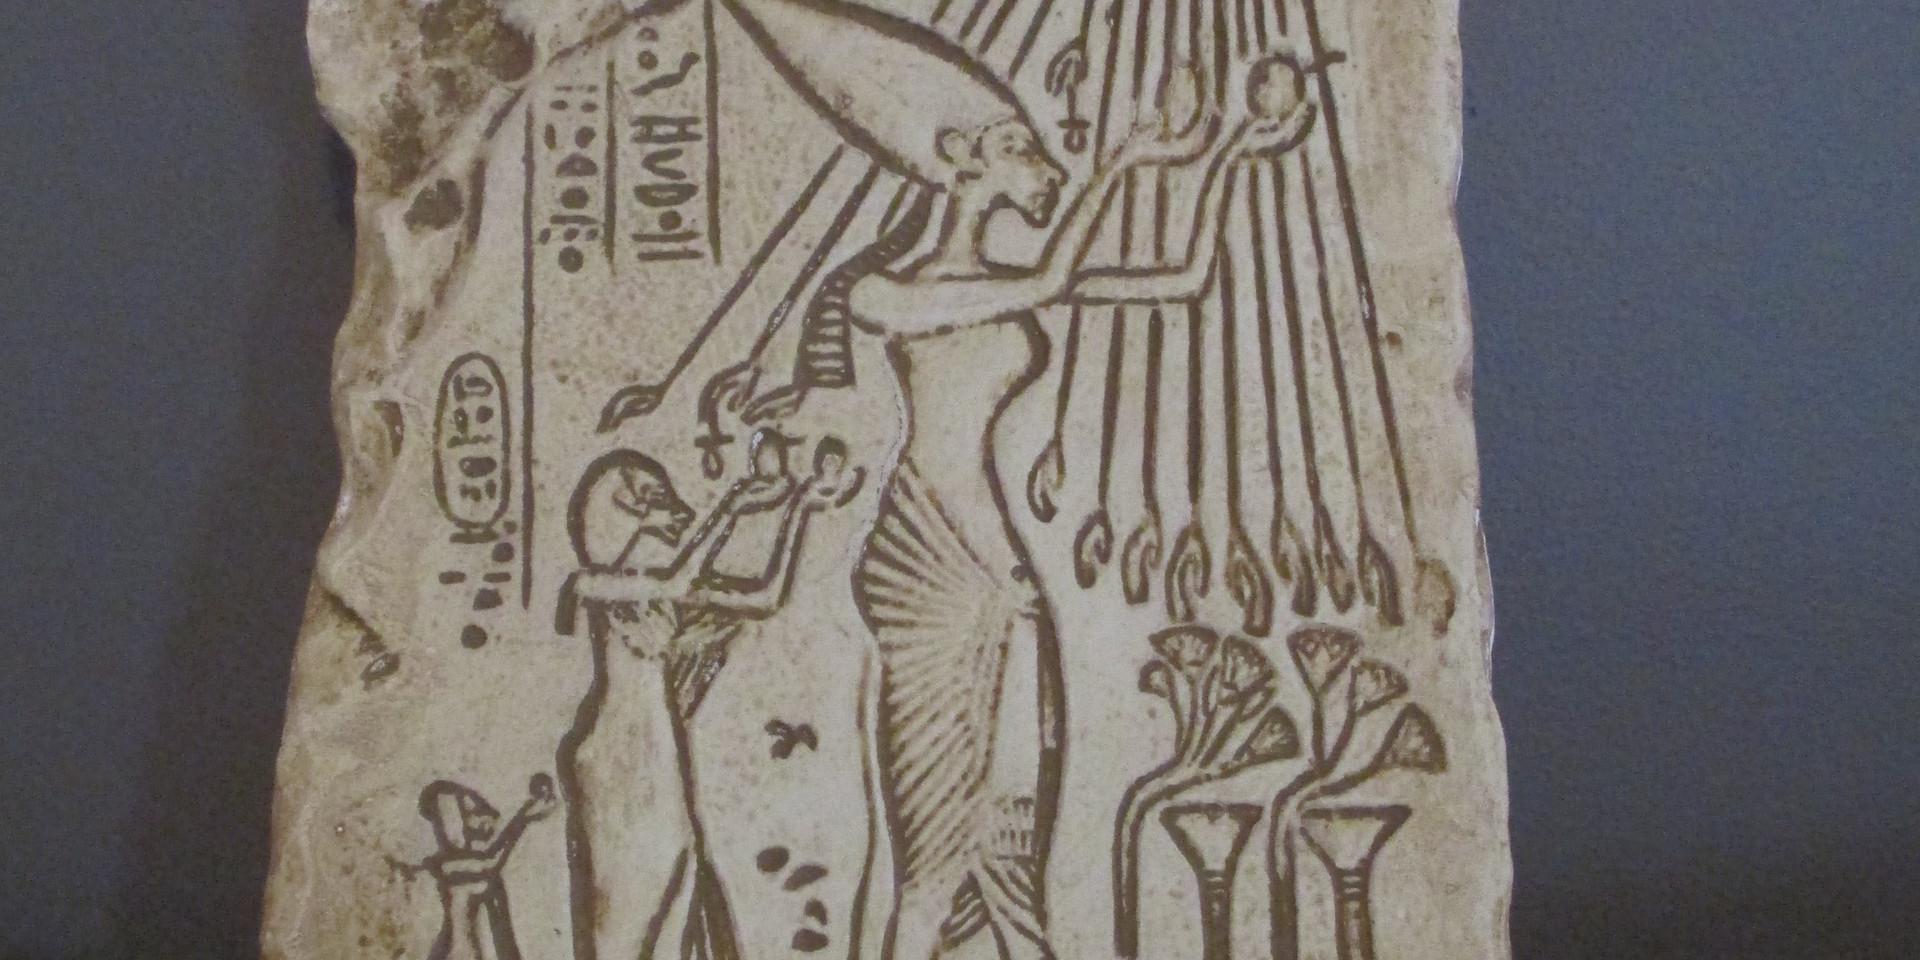 Egyptian sun God Aten